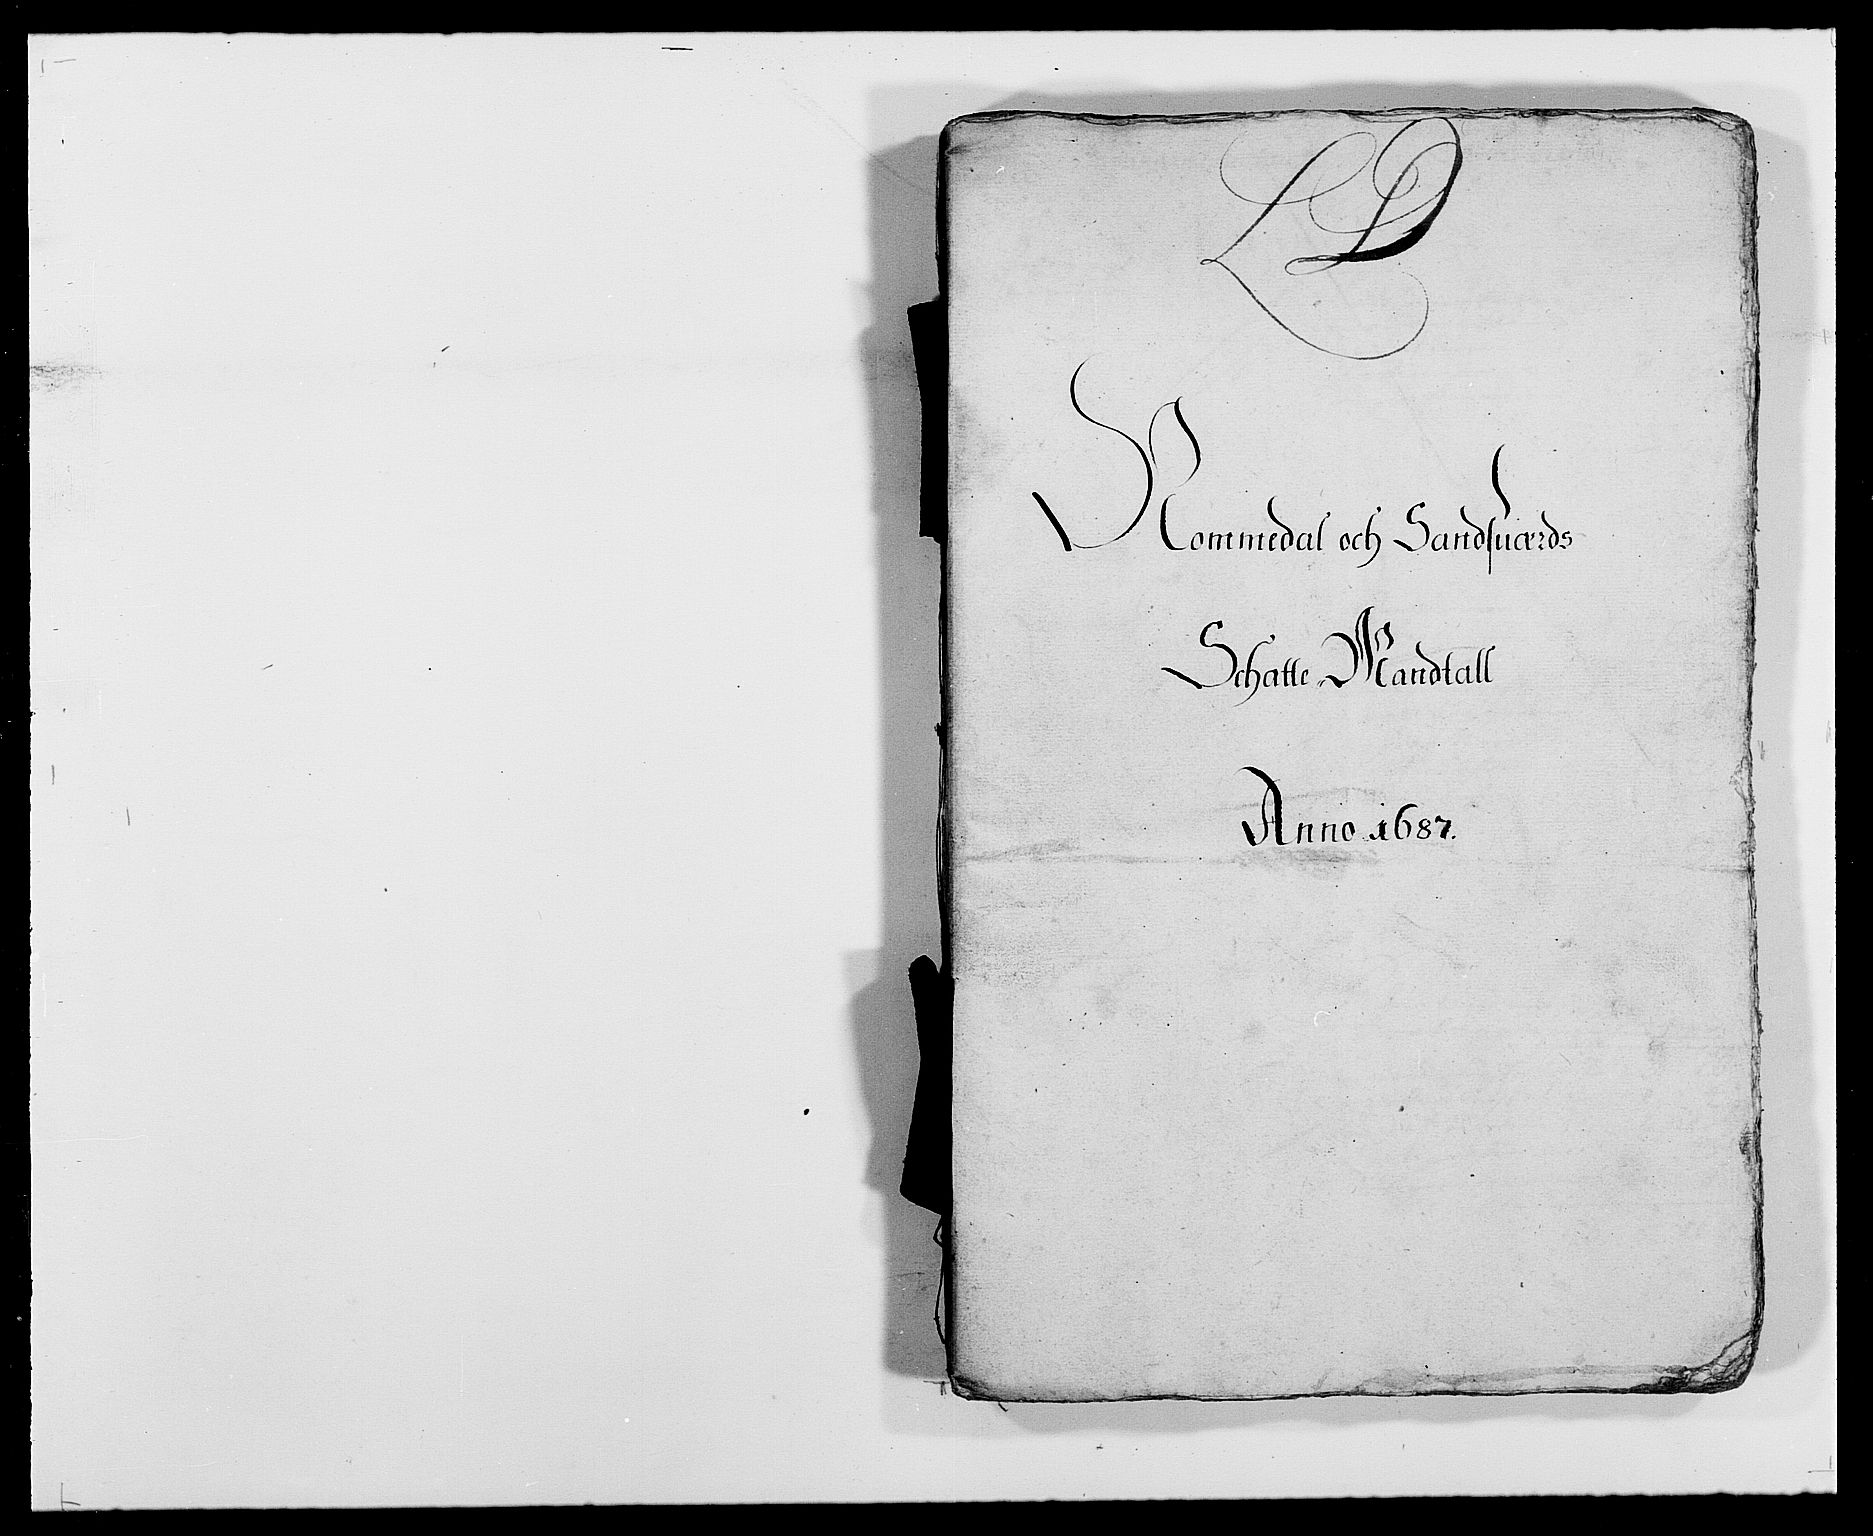 RA, Rentekammeret inntil 1814, Reviderte regnskaper, Fogderegnskap, R24/L1573: Fogderegnskap Numedal og Sandsvær, 1687-1691, s. 34